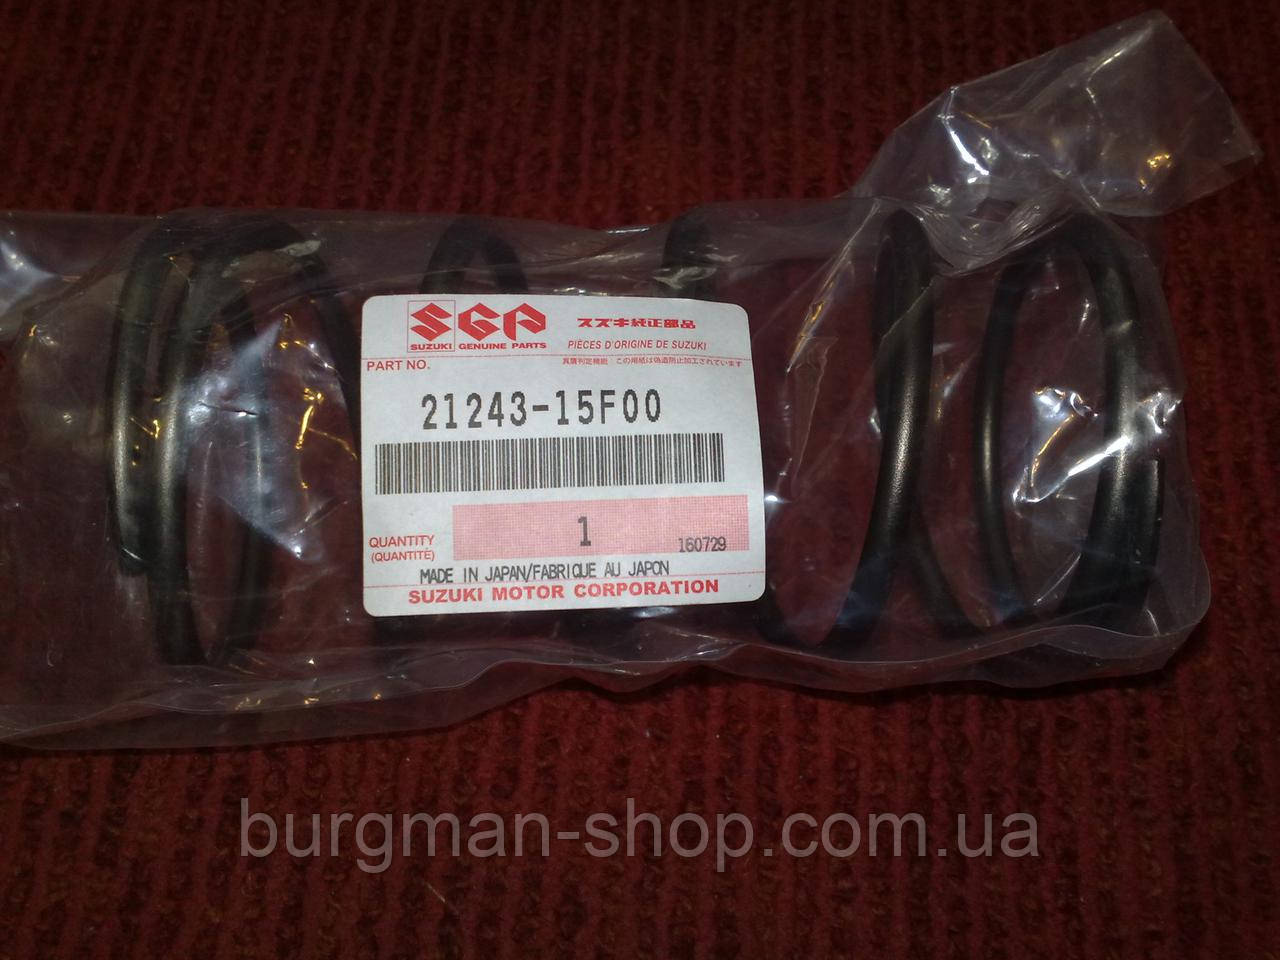 Пружина торкдрайвера 400сс 99-02г Suzuki Burgman SkyWave 21243-15F00